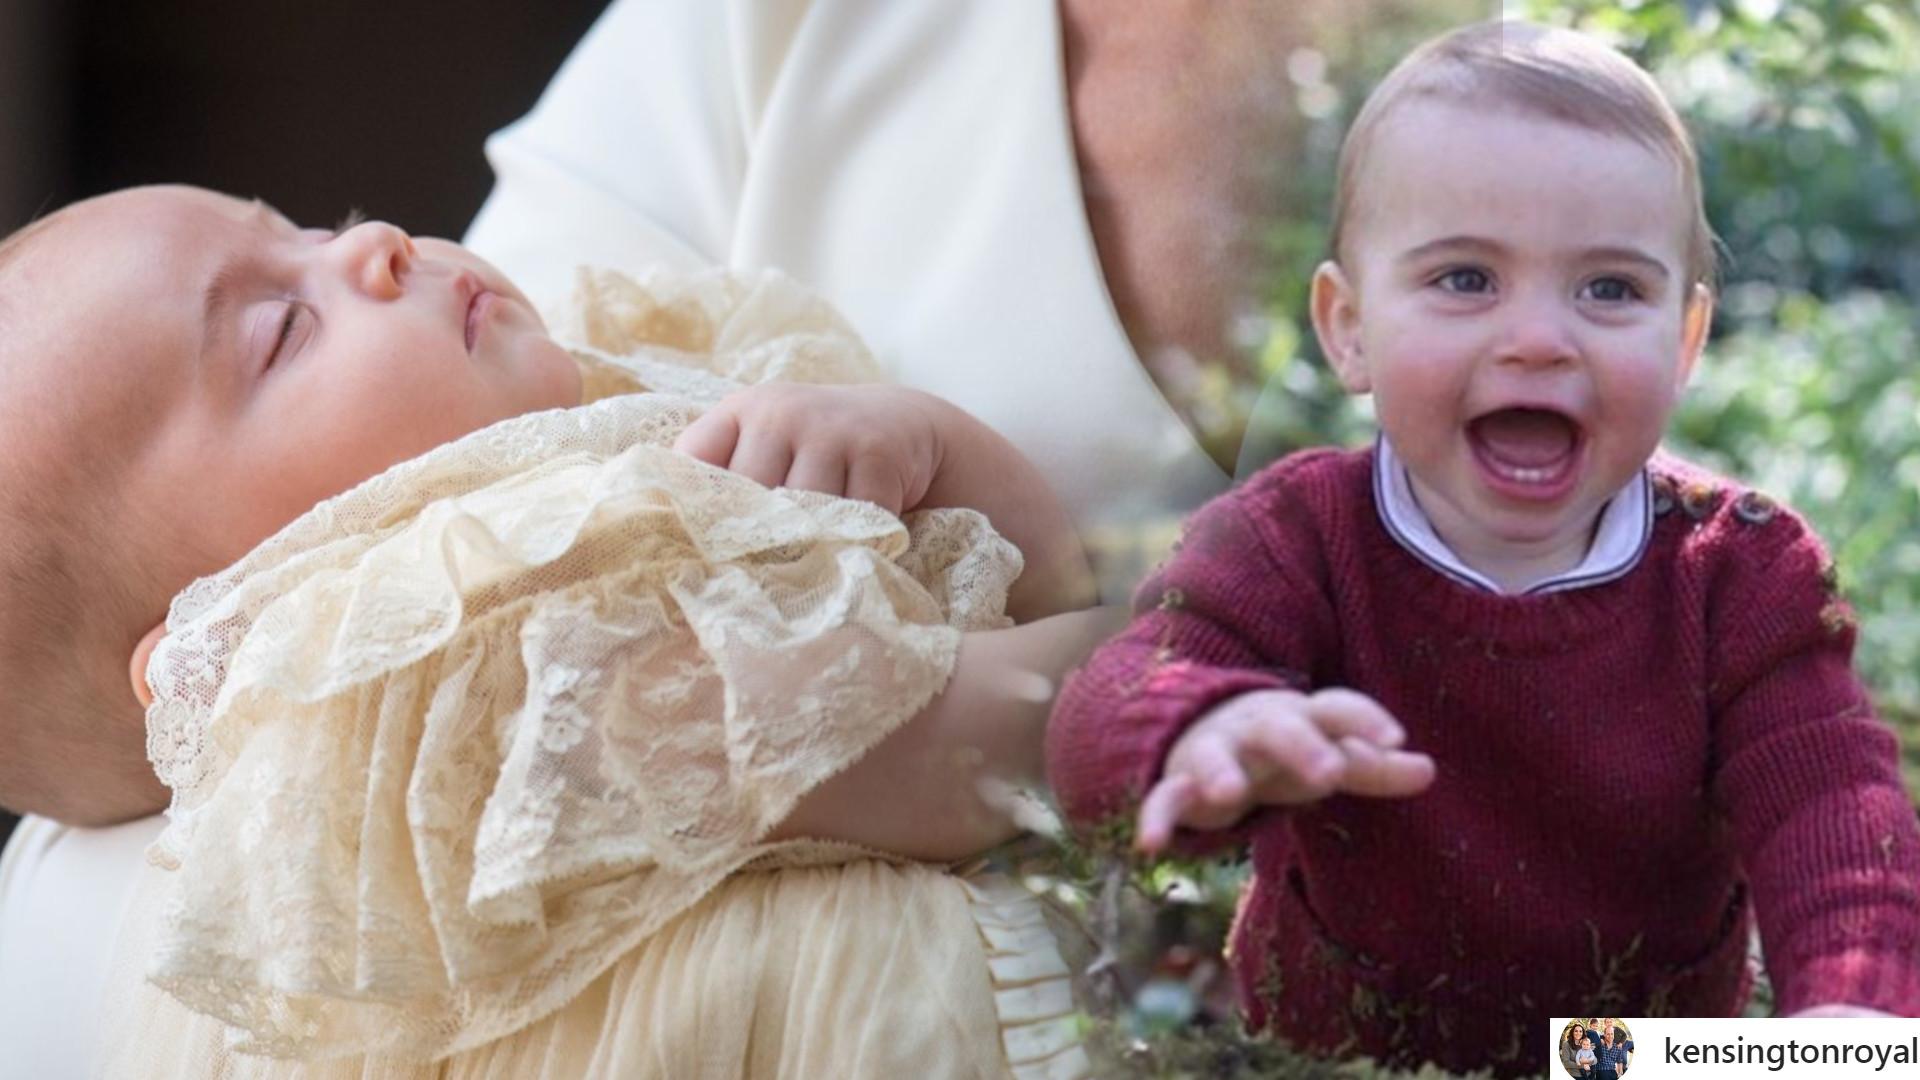 Księżna Kate i książę William pokazali NOWE zdjęcia księcia Louisa – jest już takim DUŻYM chłopcem!